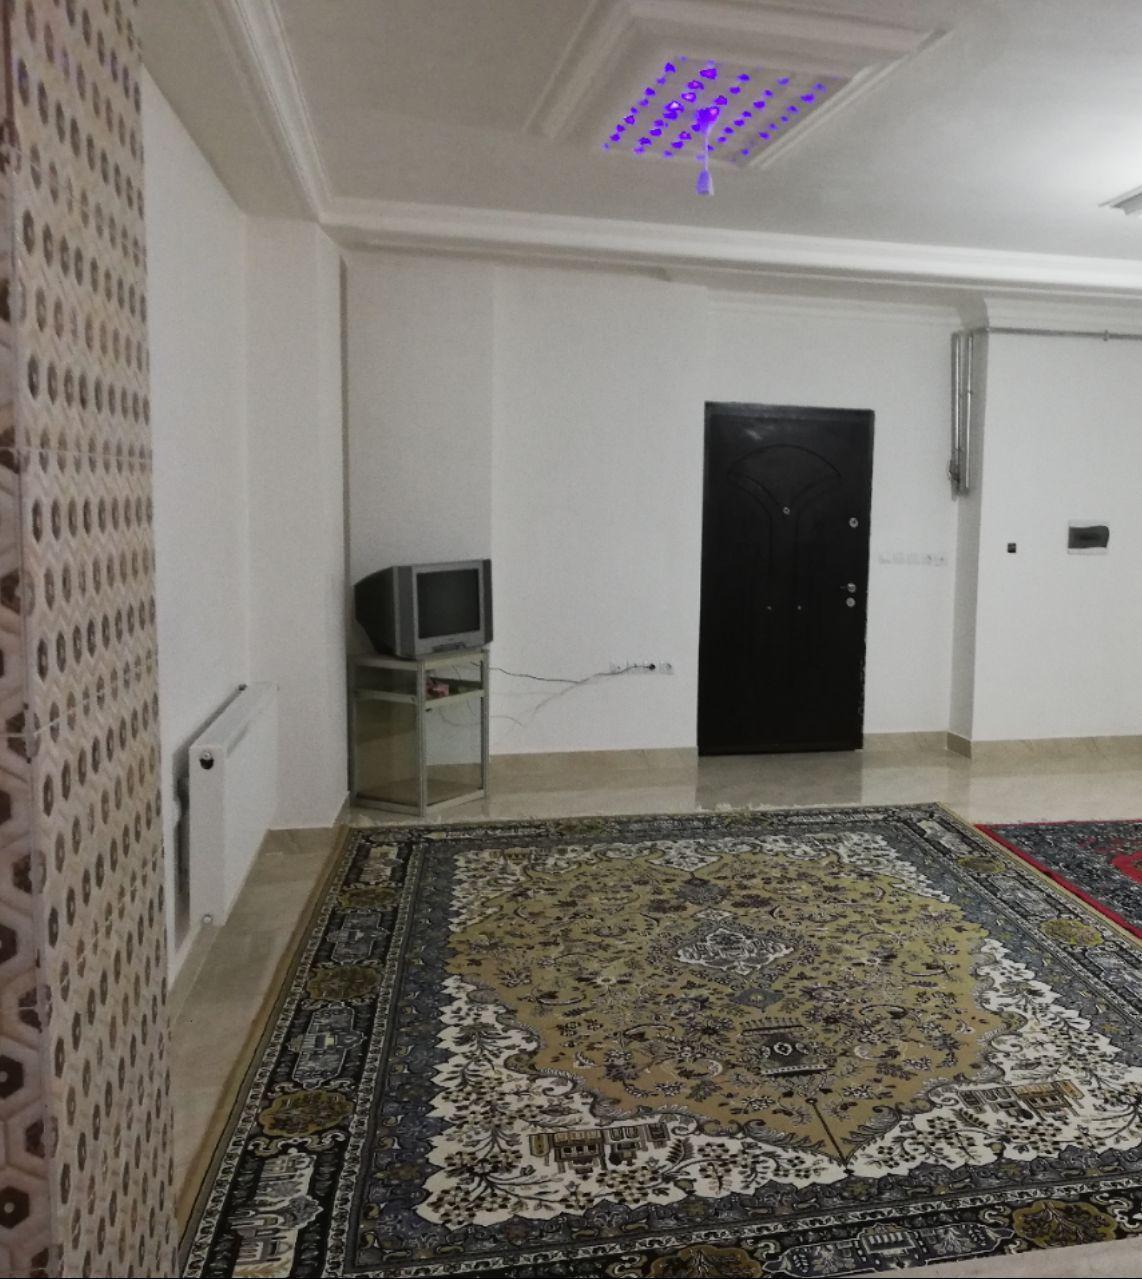 اجاره روزانه خانه در اروميه | خانه هاي اجاره اي اروميه